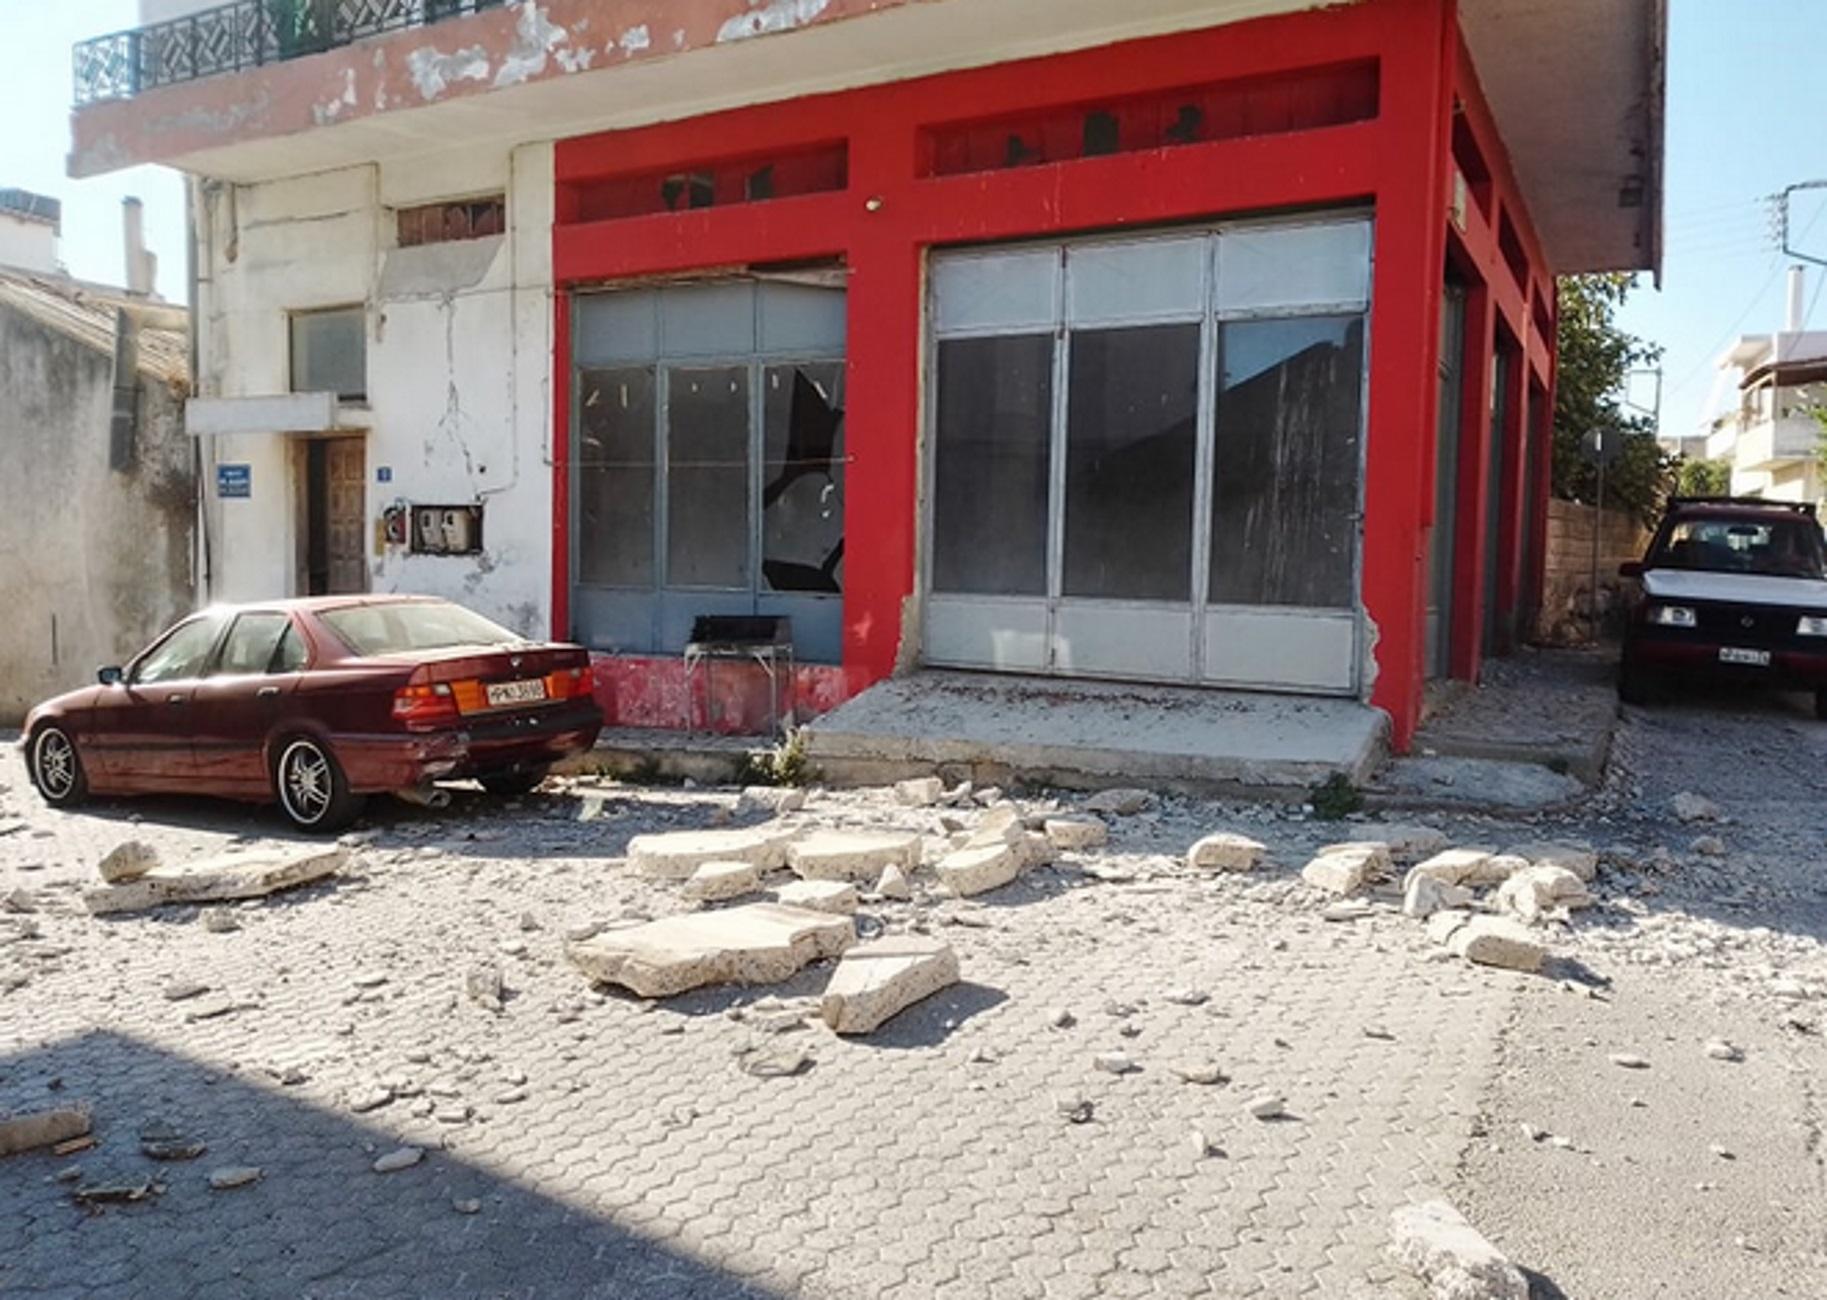 Αποζημιώσεις για τους σεισμόπληκτους-Οι ενισχύσεις για νοικοκυριά και επιχειρήσεις